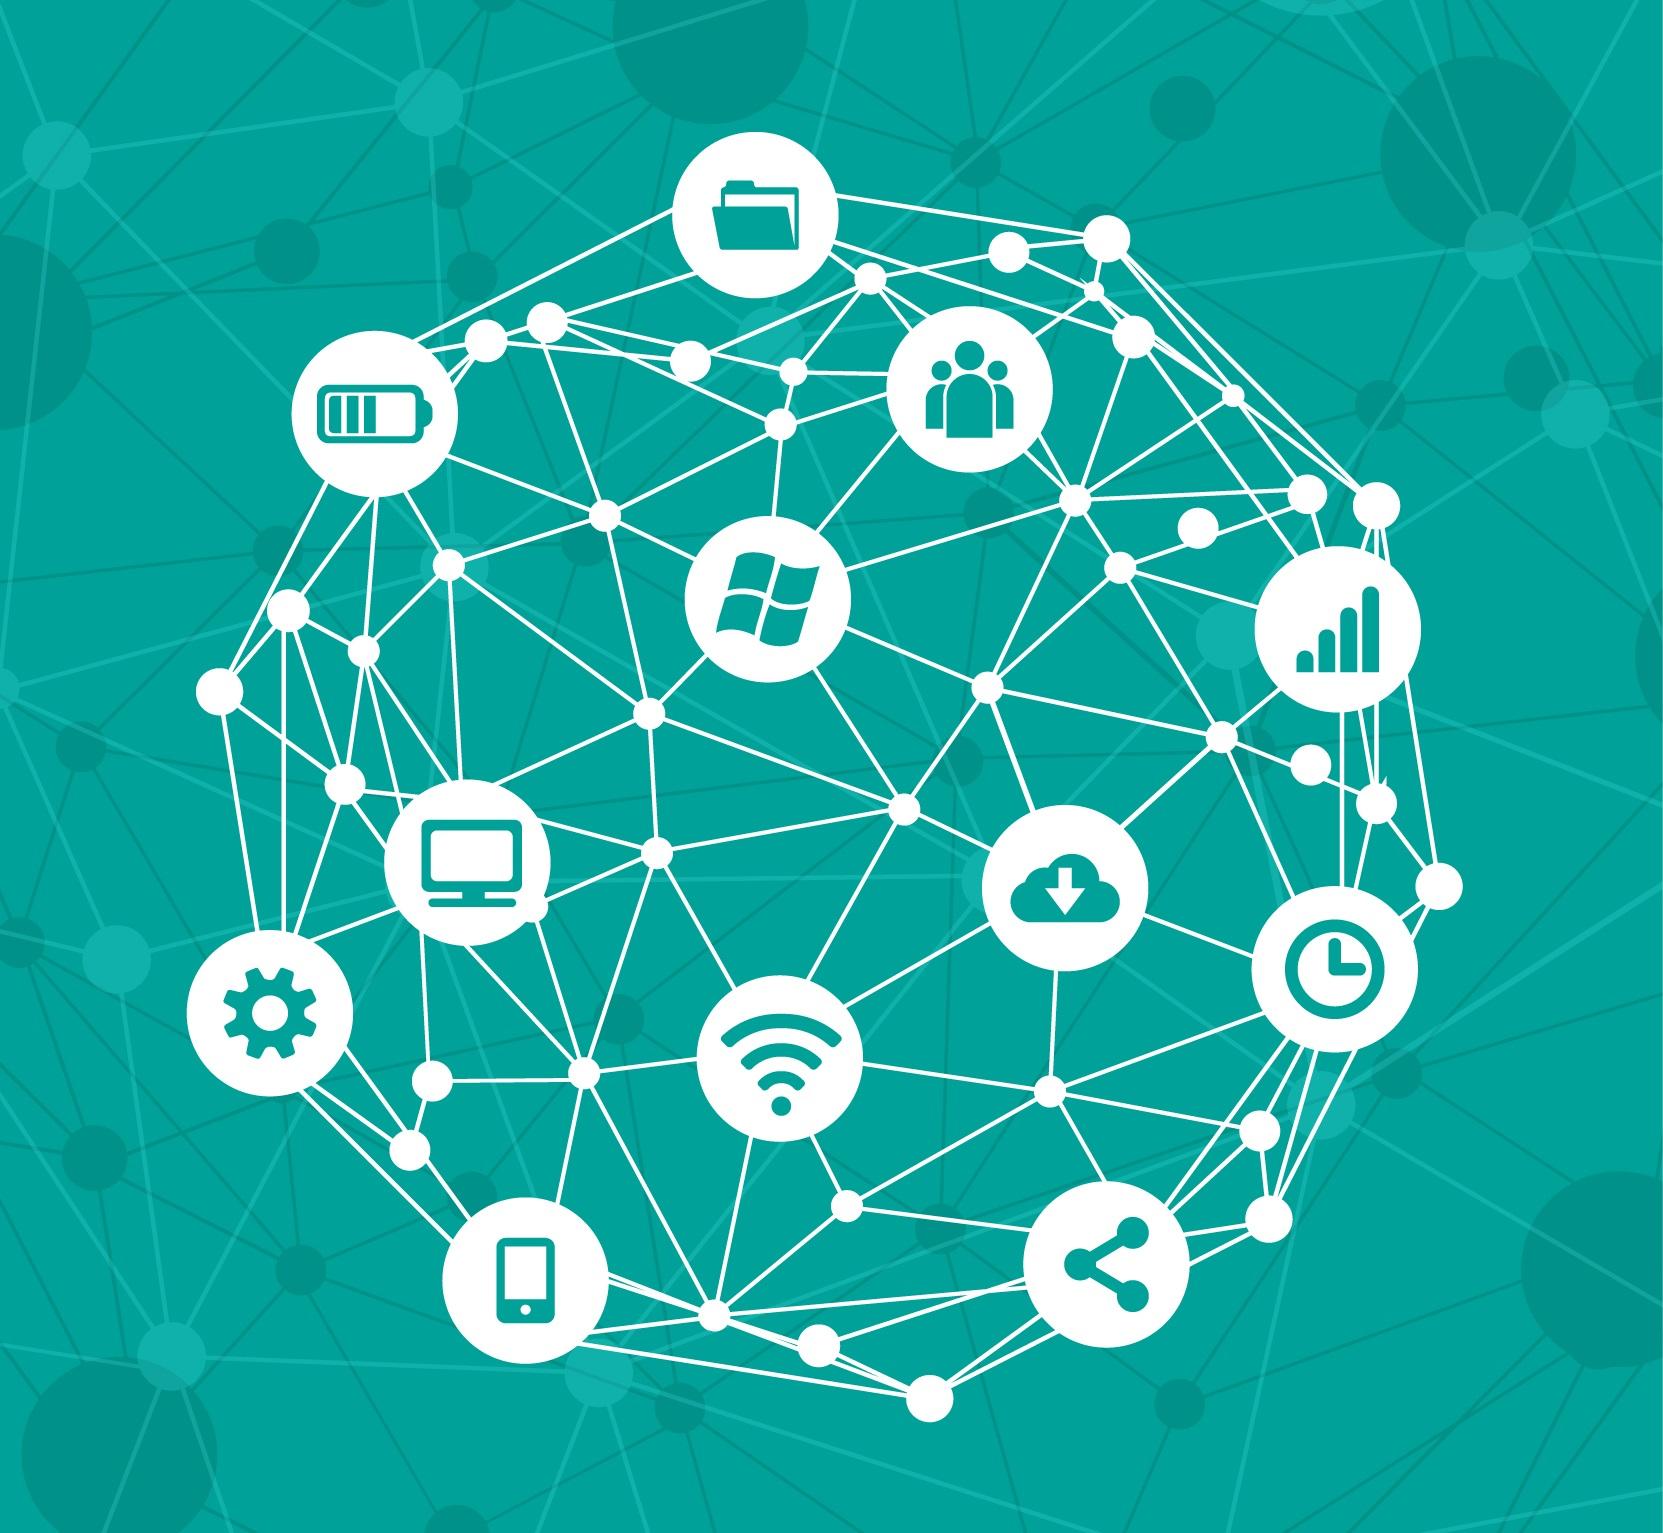 Datu regula, jautājumi un atbildes.